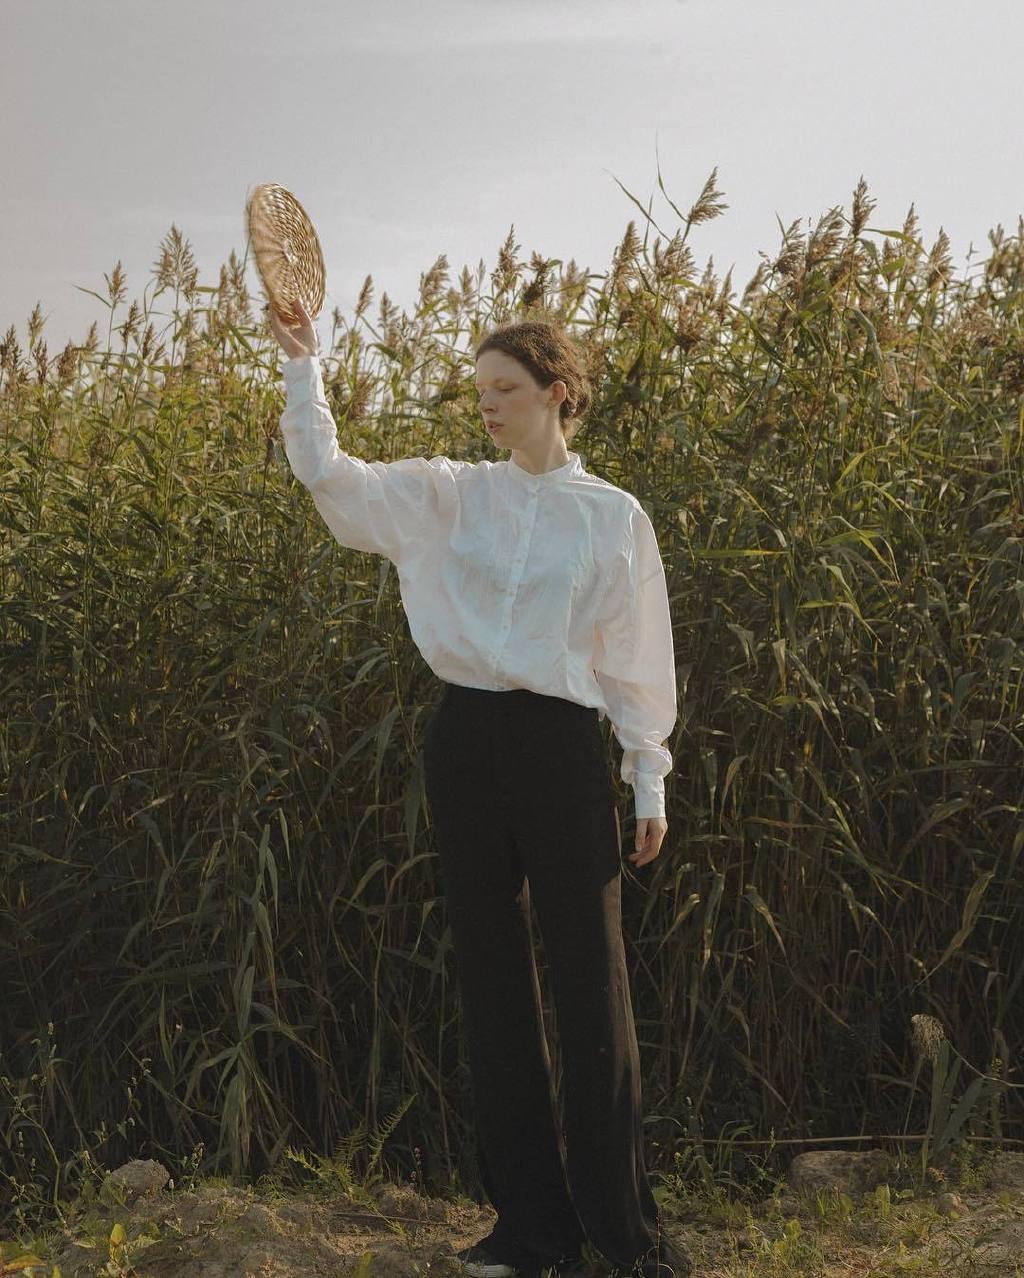 俄罗斯摄影师Anastasia Lisitsyna的人像摄影作品 时尚图库 第4张